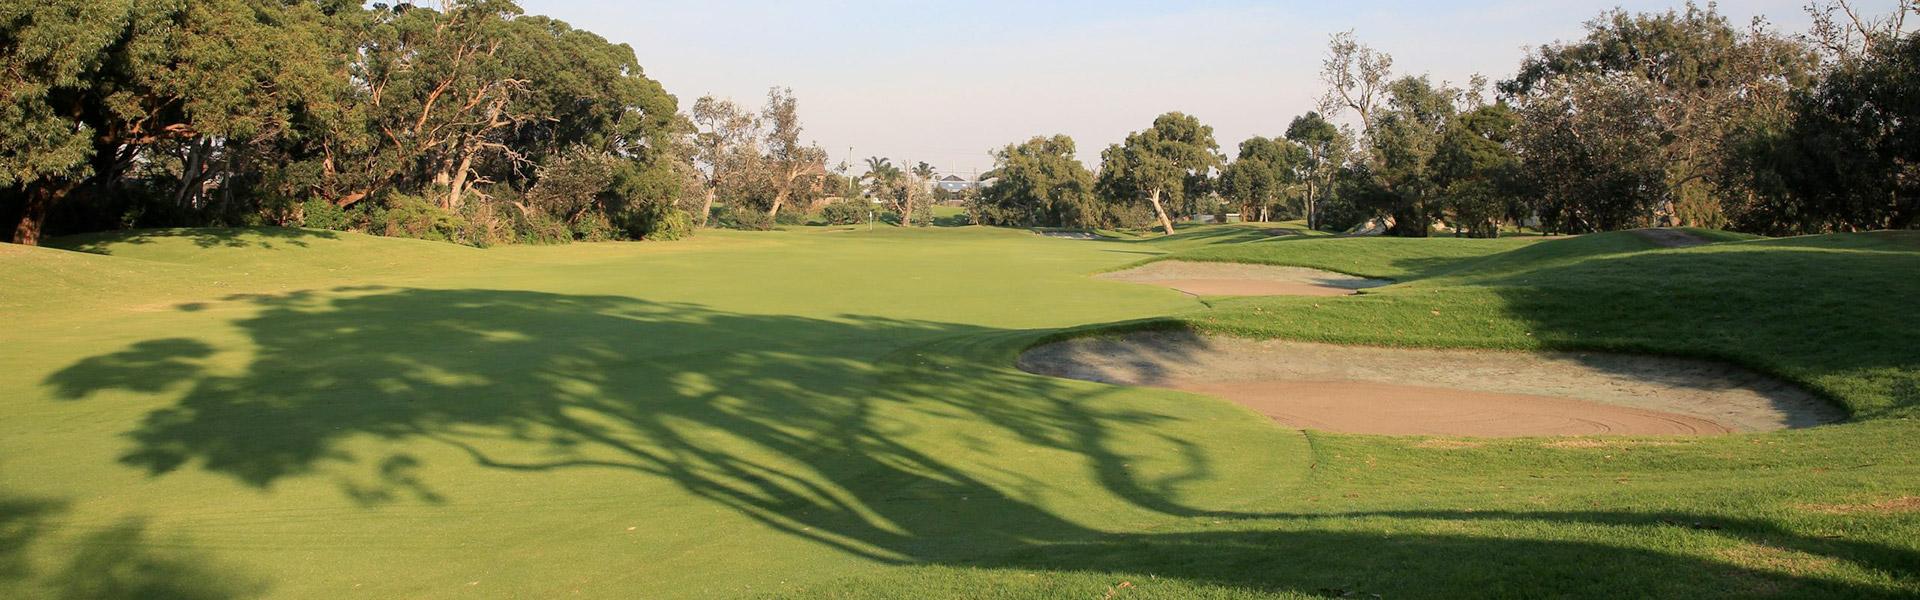 Hole 8 - Rossdale Golf Club